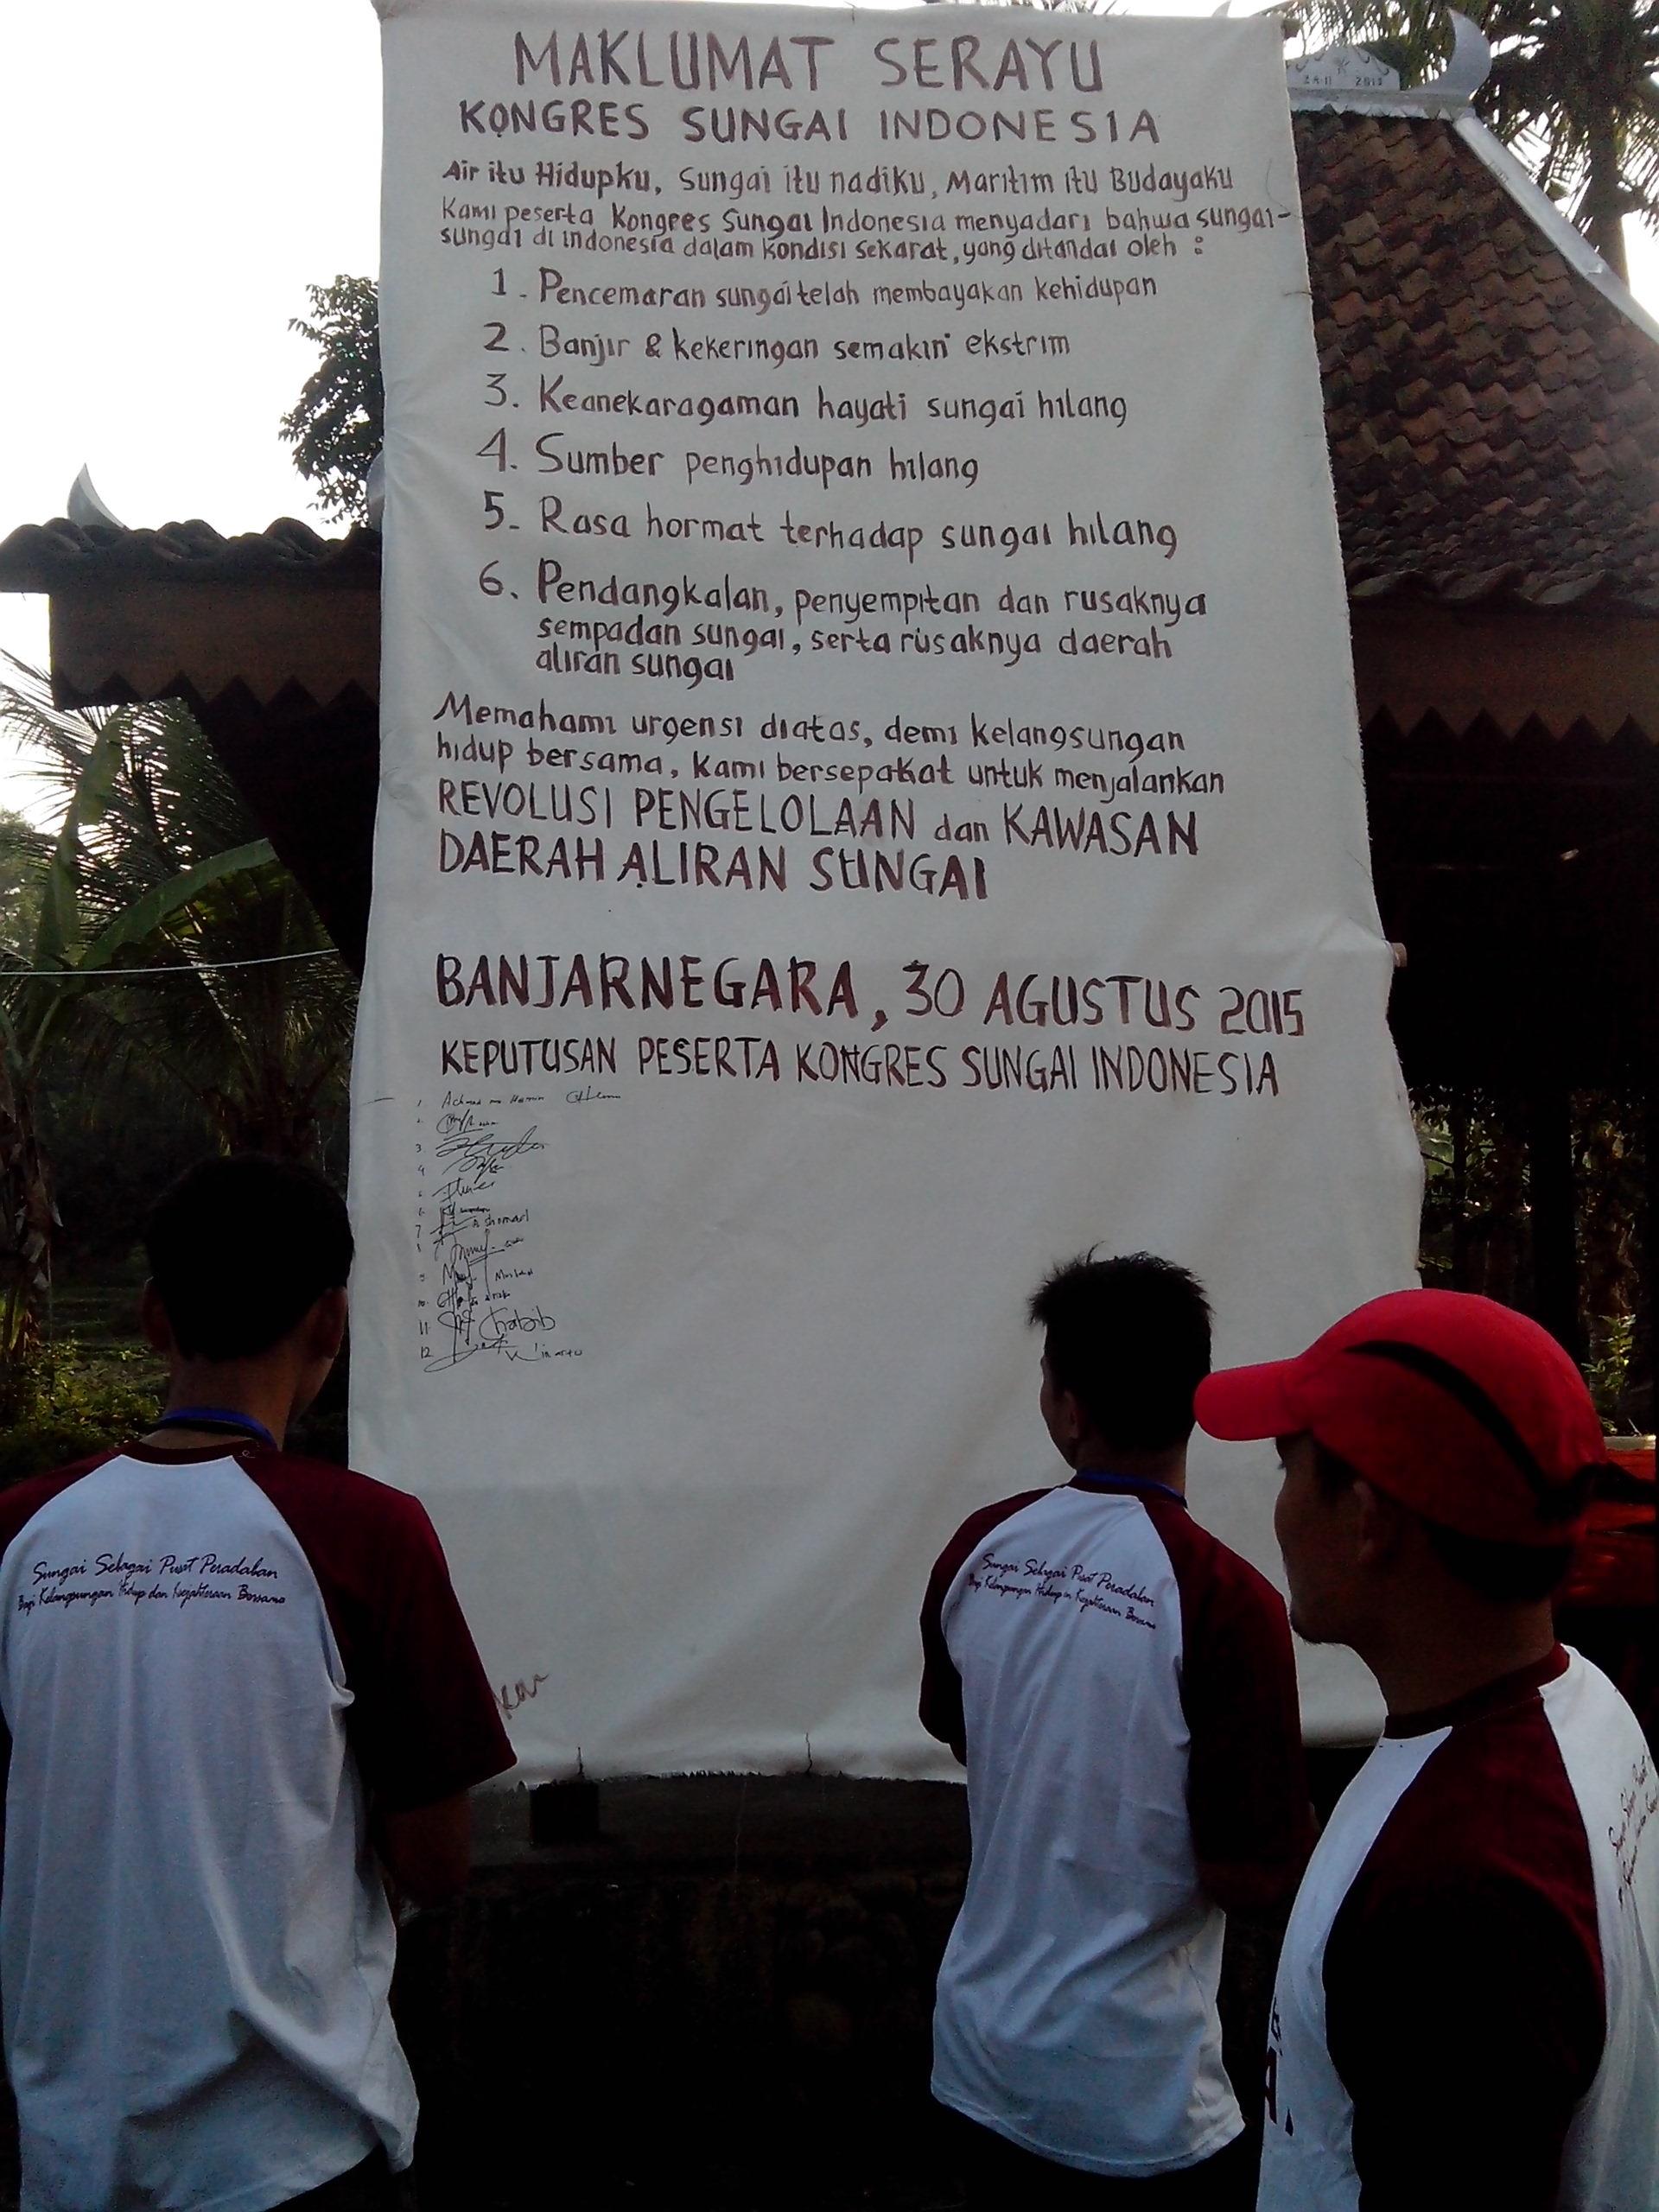 Kongres Sungai Indonesia Lahirkan Maklumat Serayu